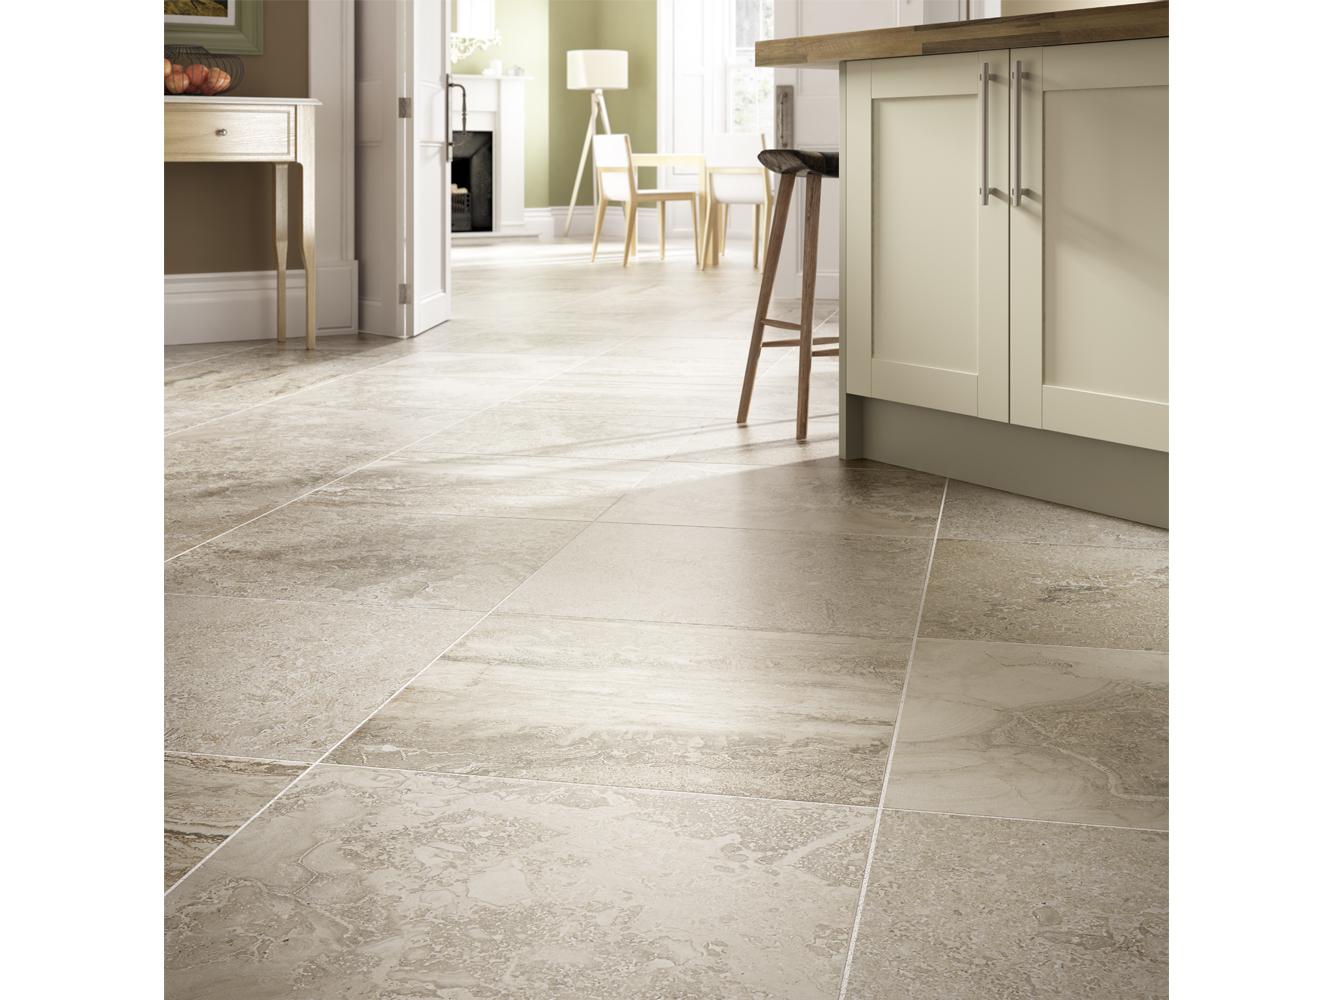 pix-us-cg-stone-floor